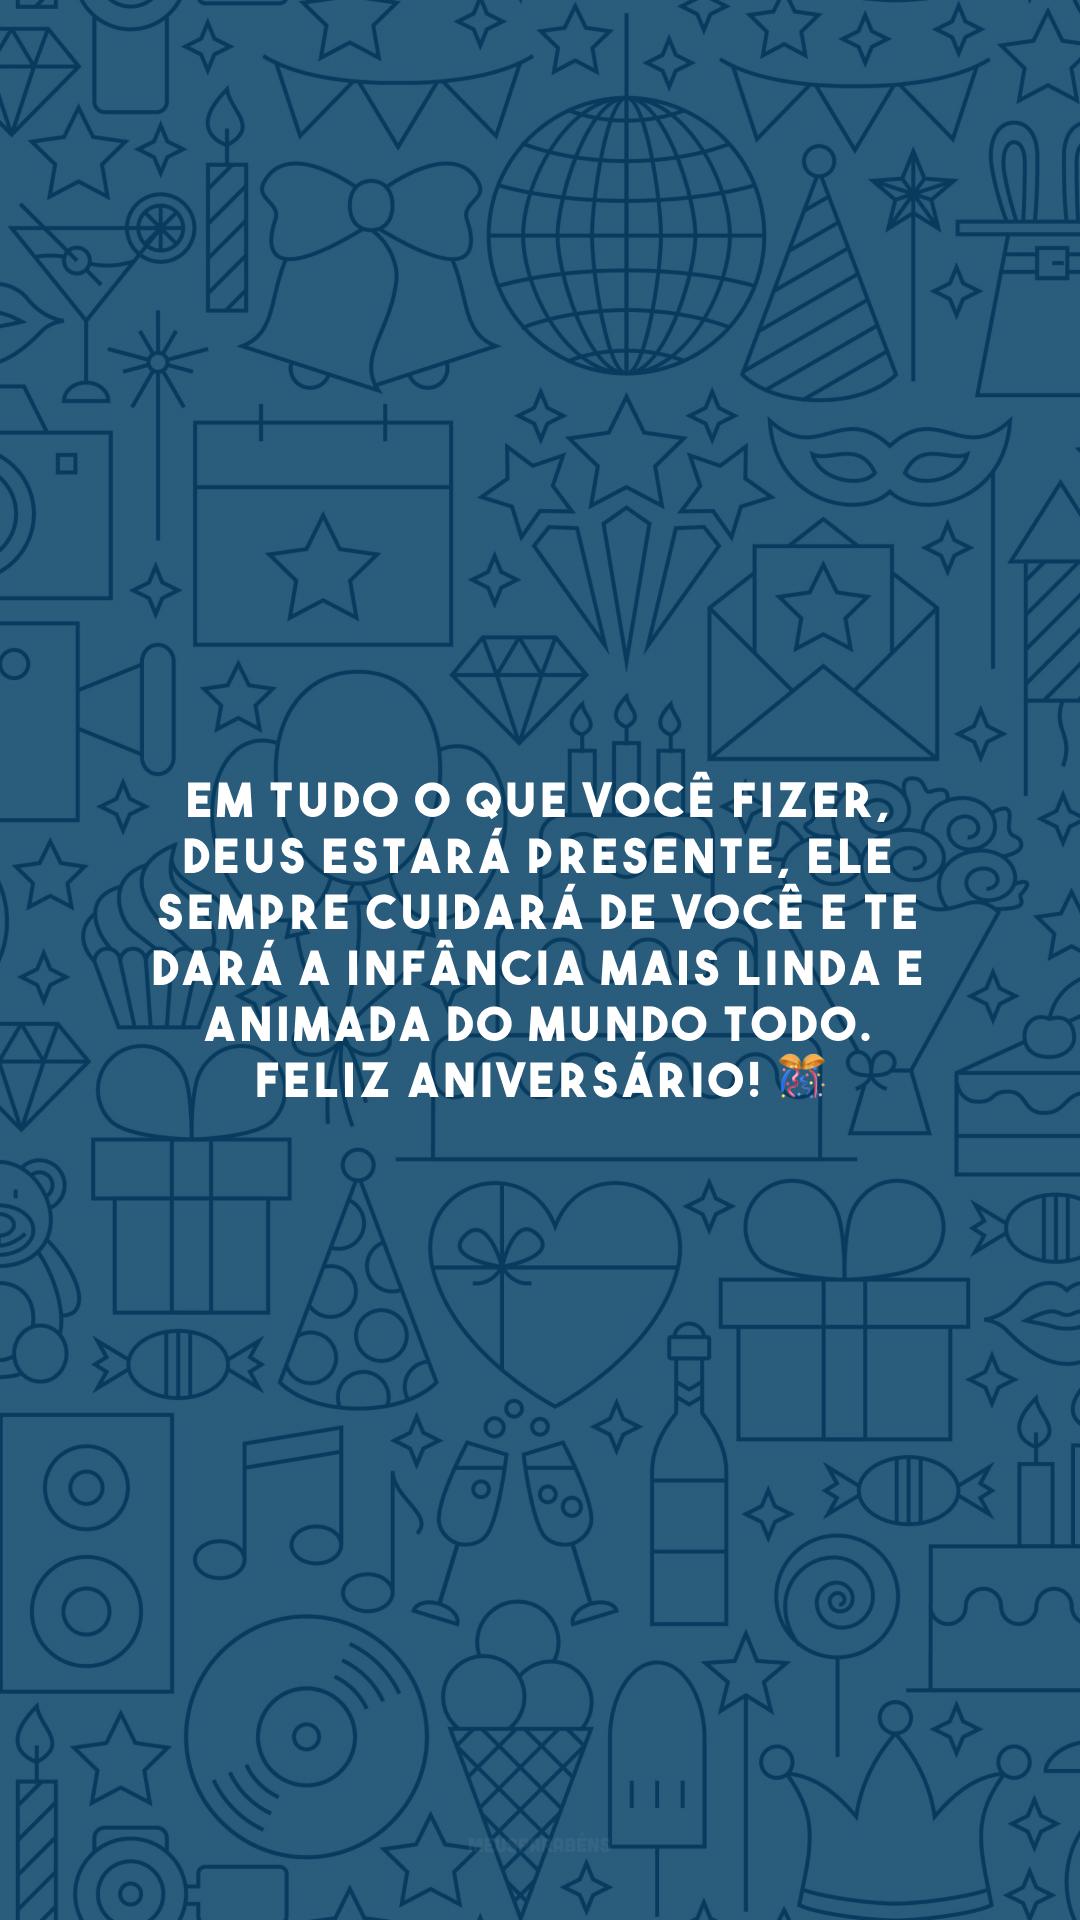 Em tudo o que você fizer, Deus estará presente, Ele sempre cuidará de você e te dará a infância mais linda e animada do mundo todo. Feliz aniversário! 🎊